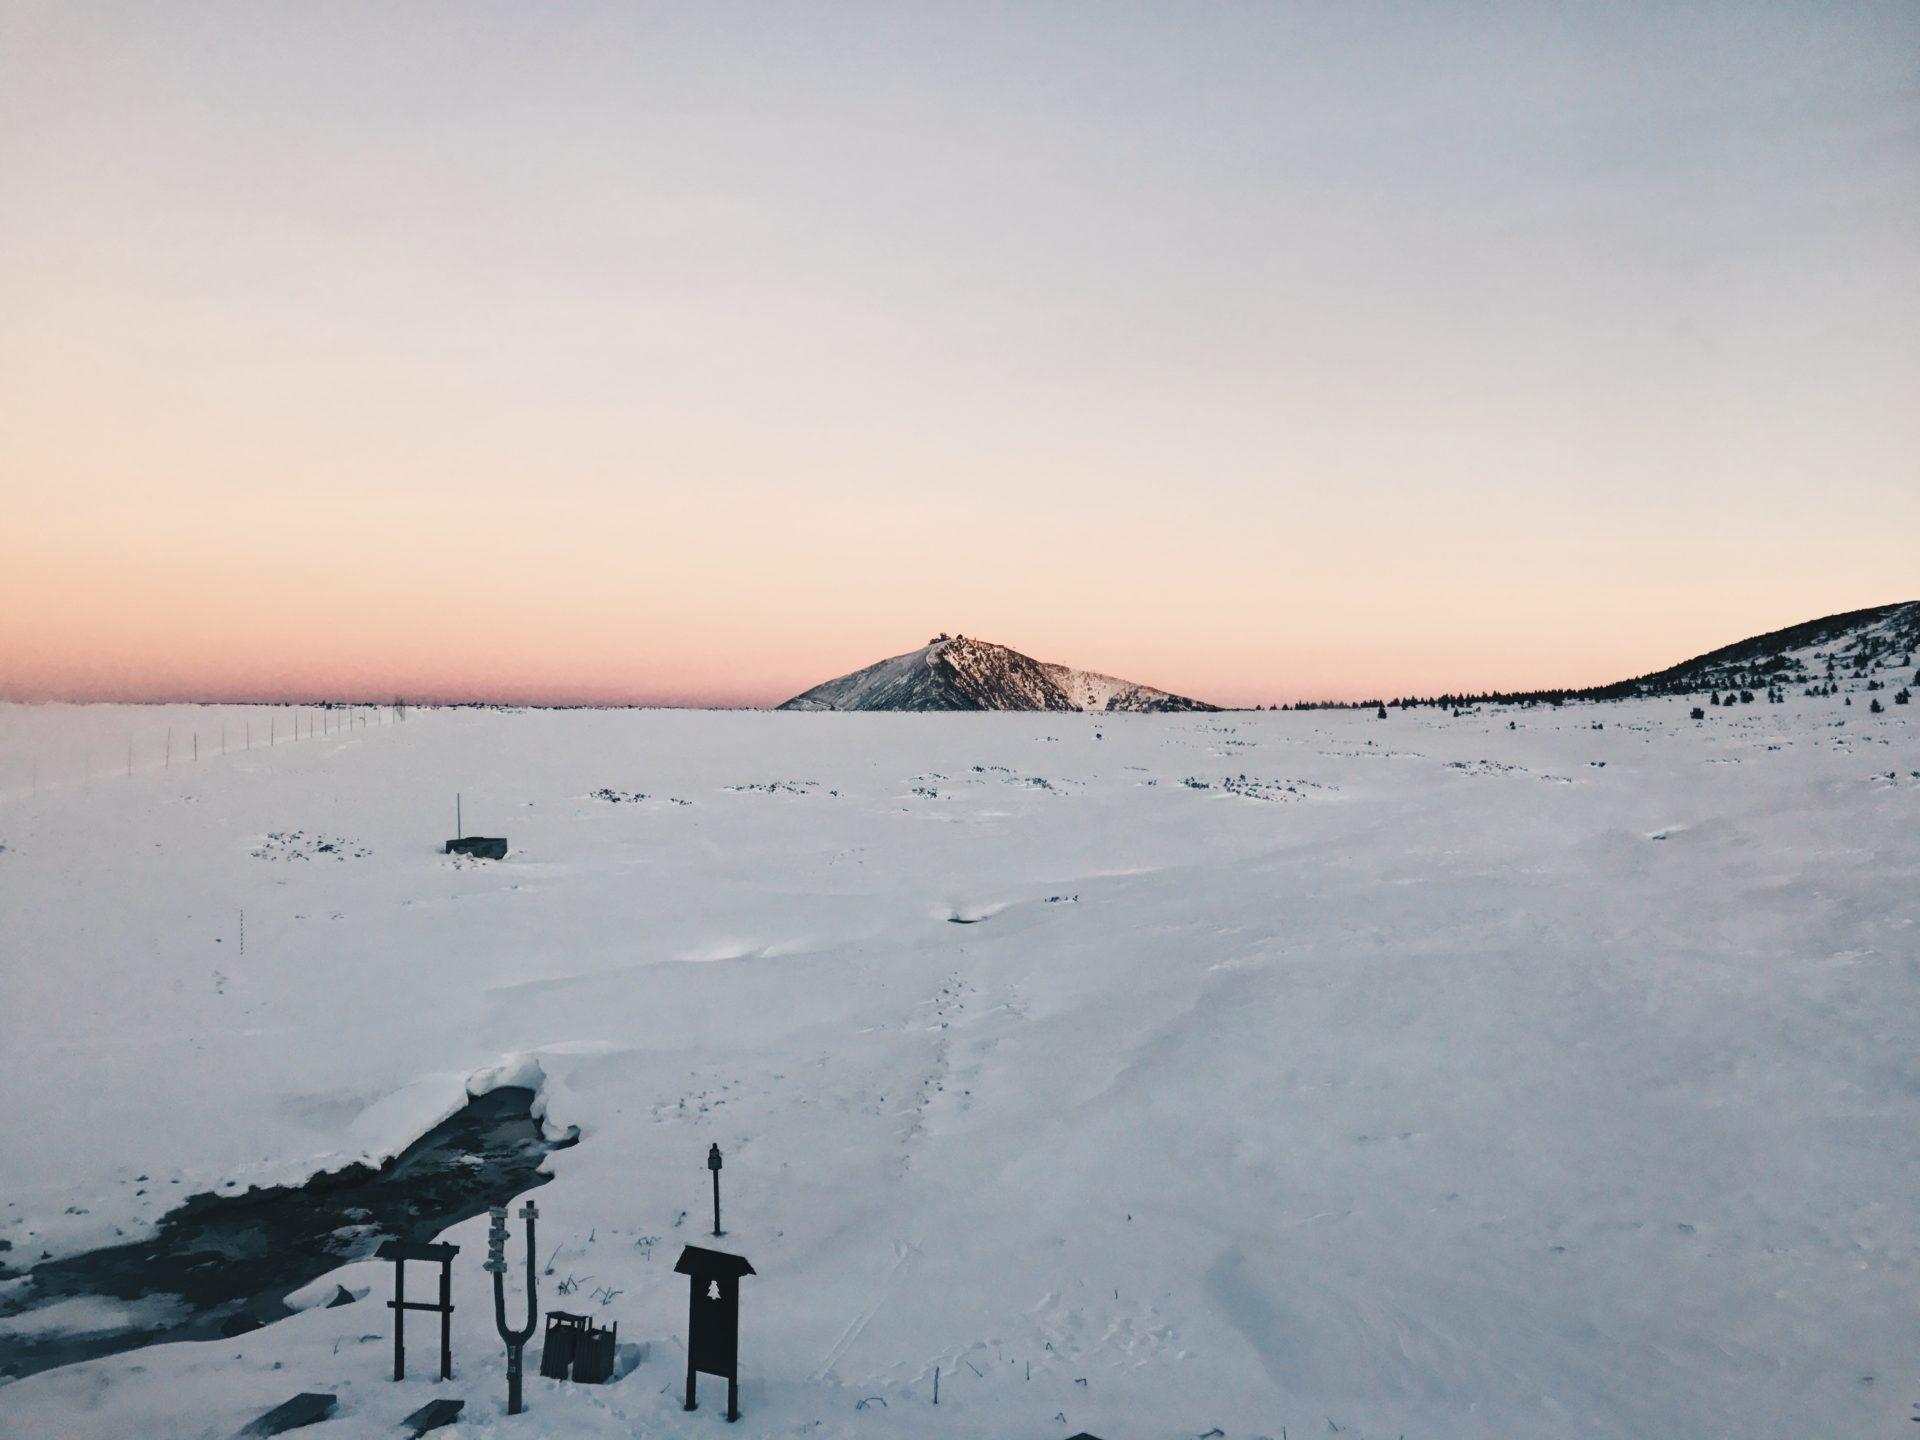 luční bouda, sněžka, západ slunce, hory, krkonoše, turistika, zima